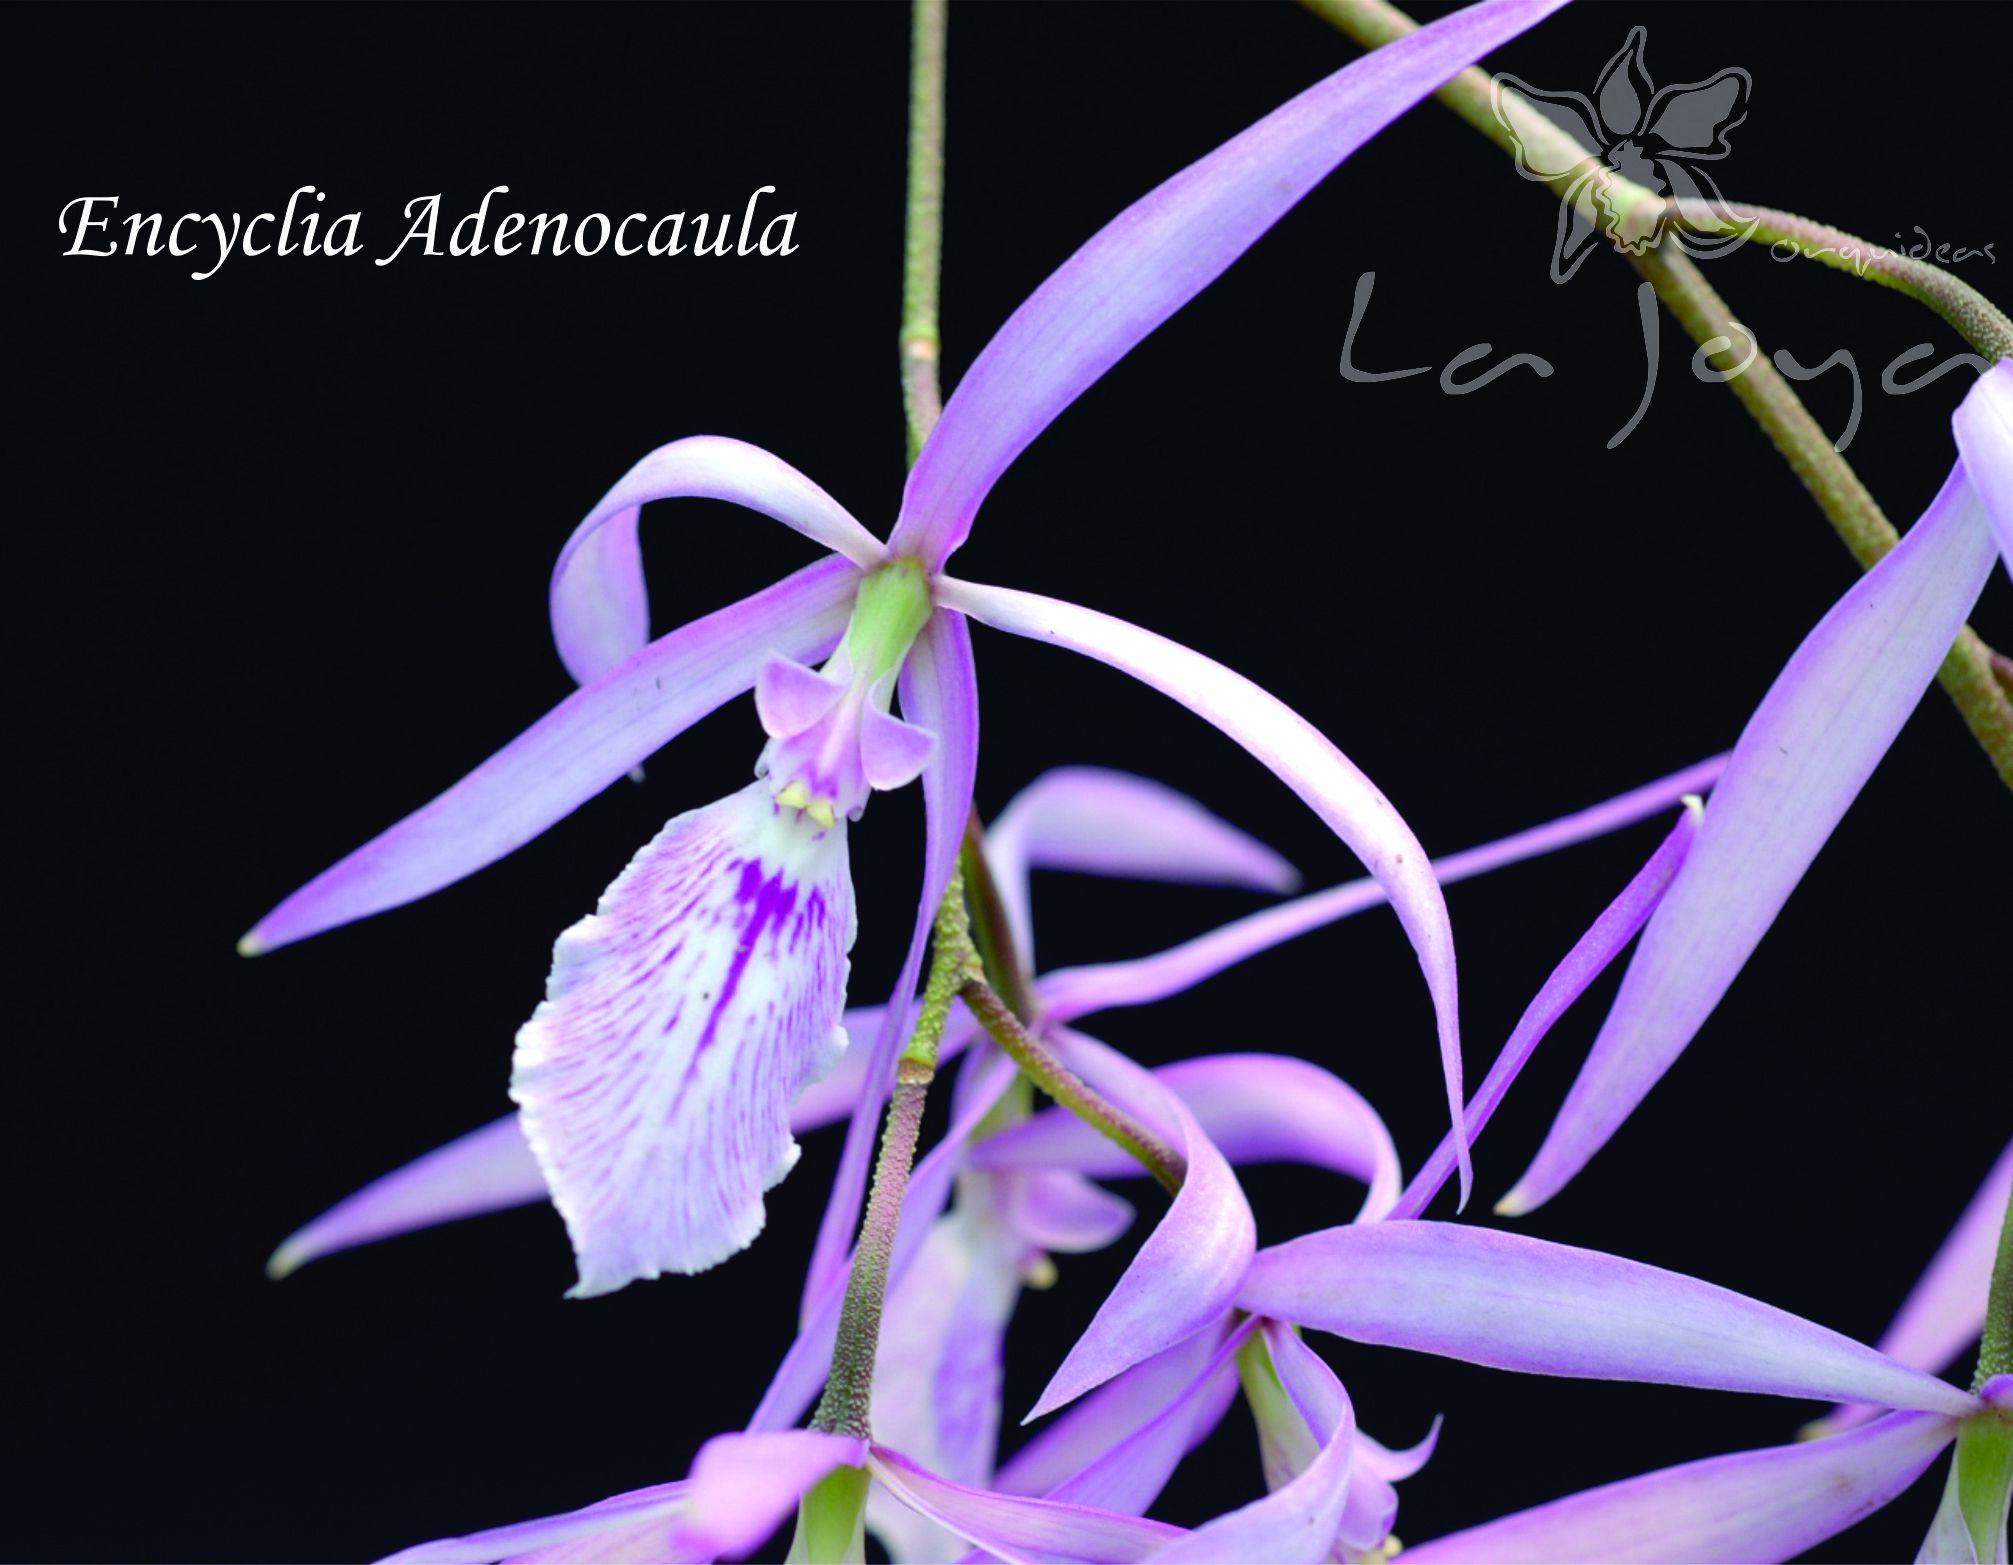 Encyclia Adenocaula